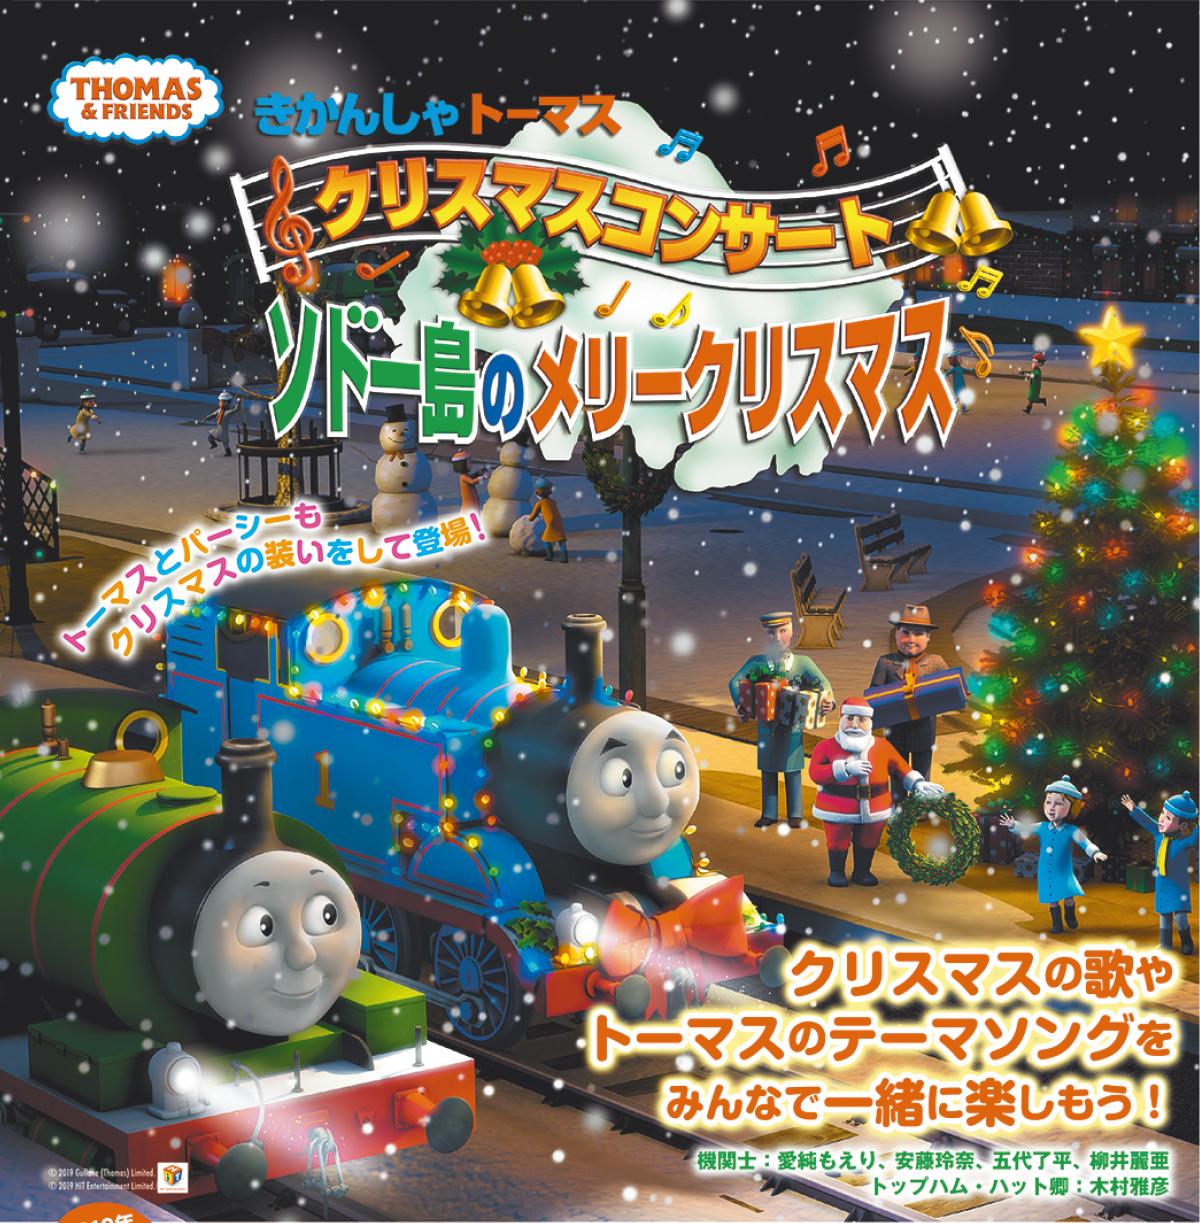 きかんしゃトーマスクリスマスコンサート「ソドー島のメリークリスマス」【12月22日よこすか芸術劇場】